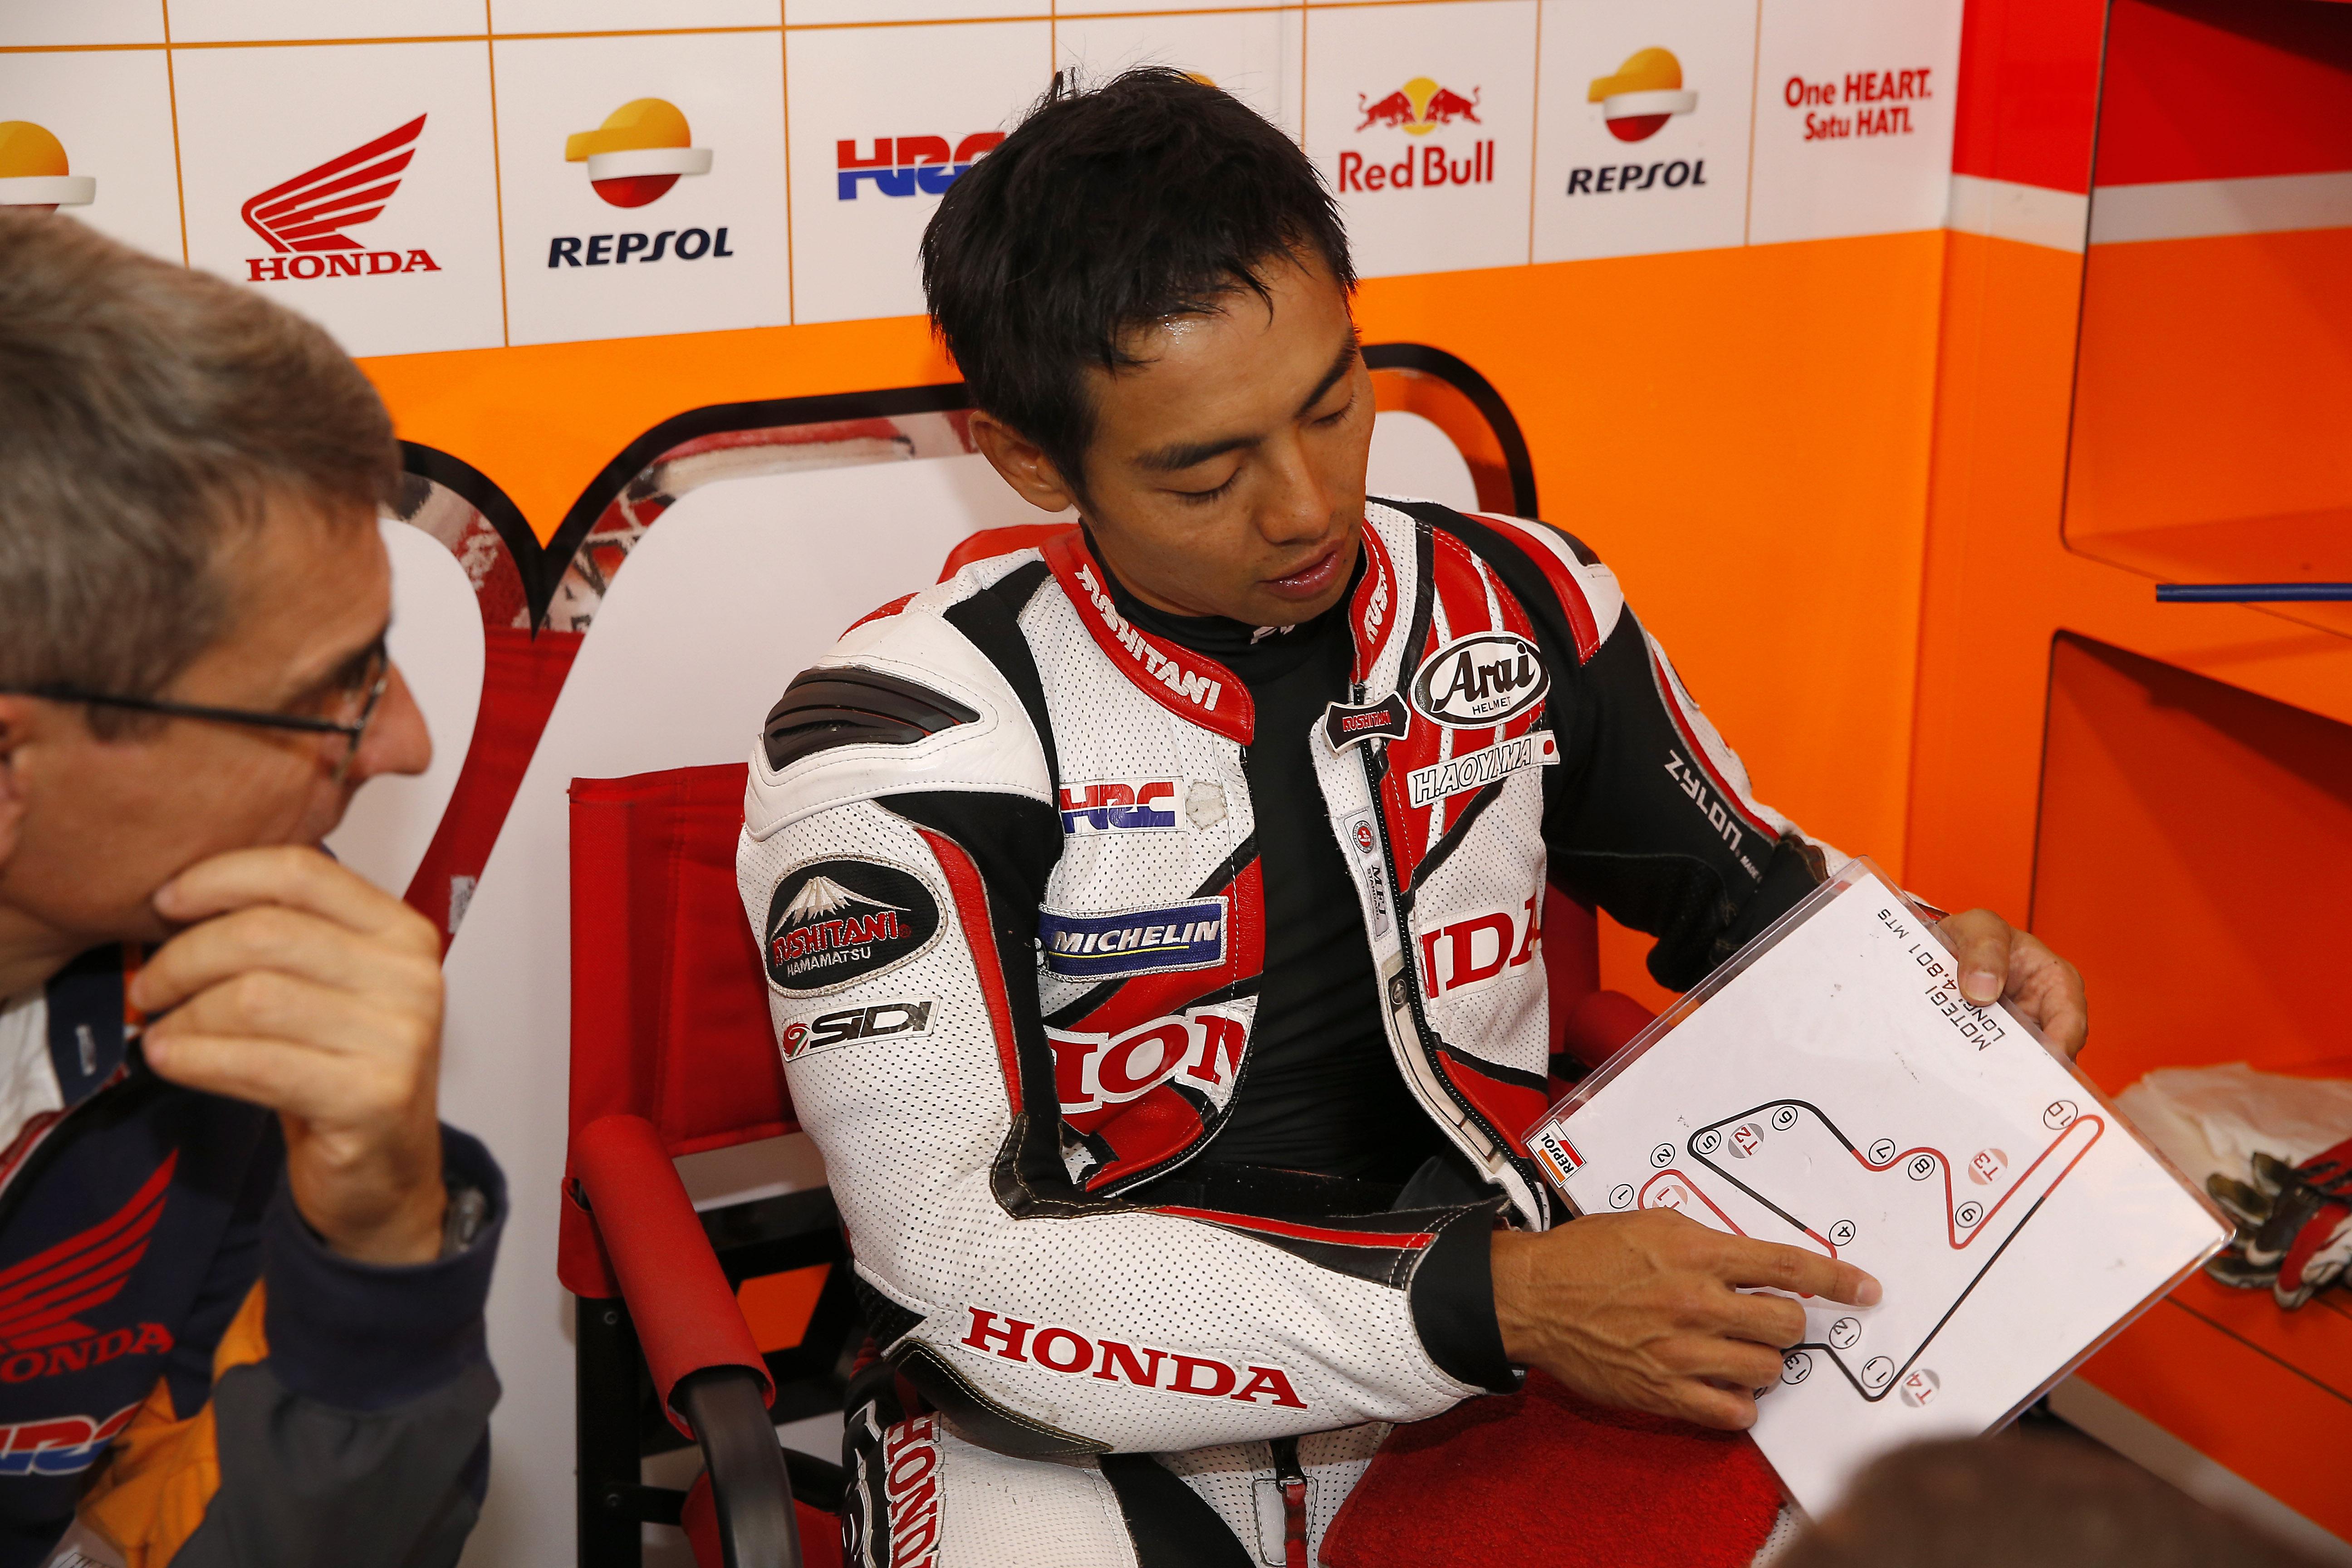 Aoyama planificando el GP en el Box junto a Ramón Aurín